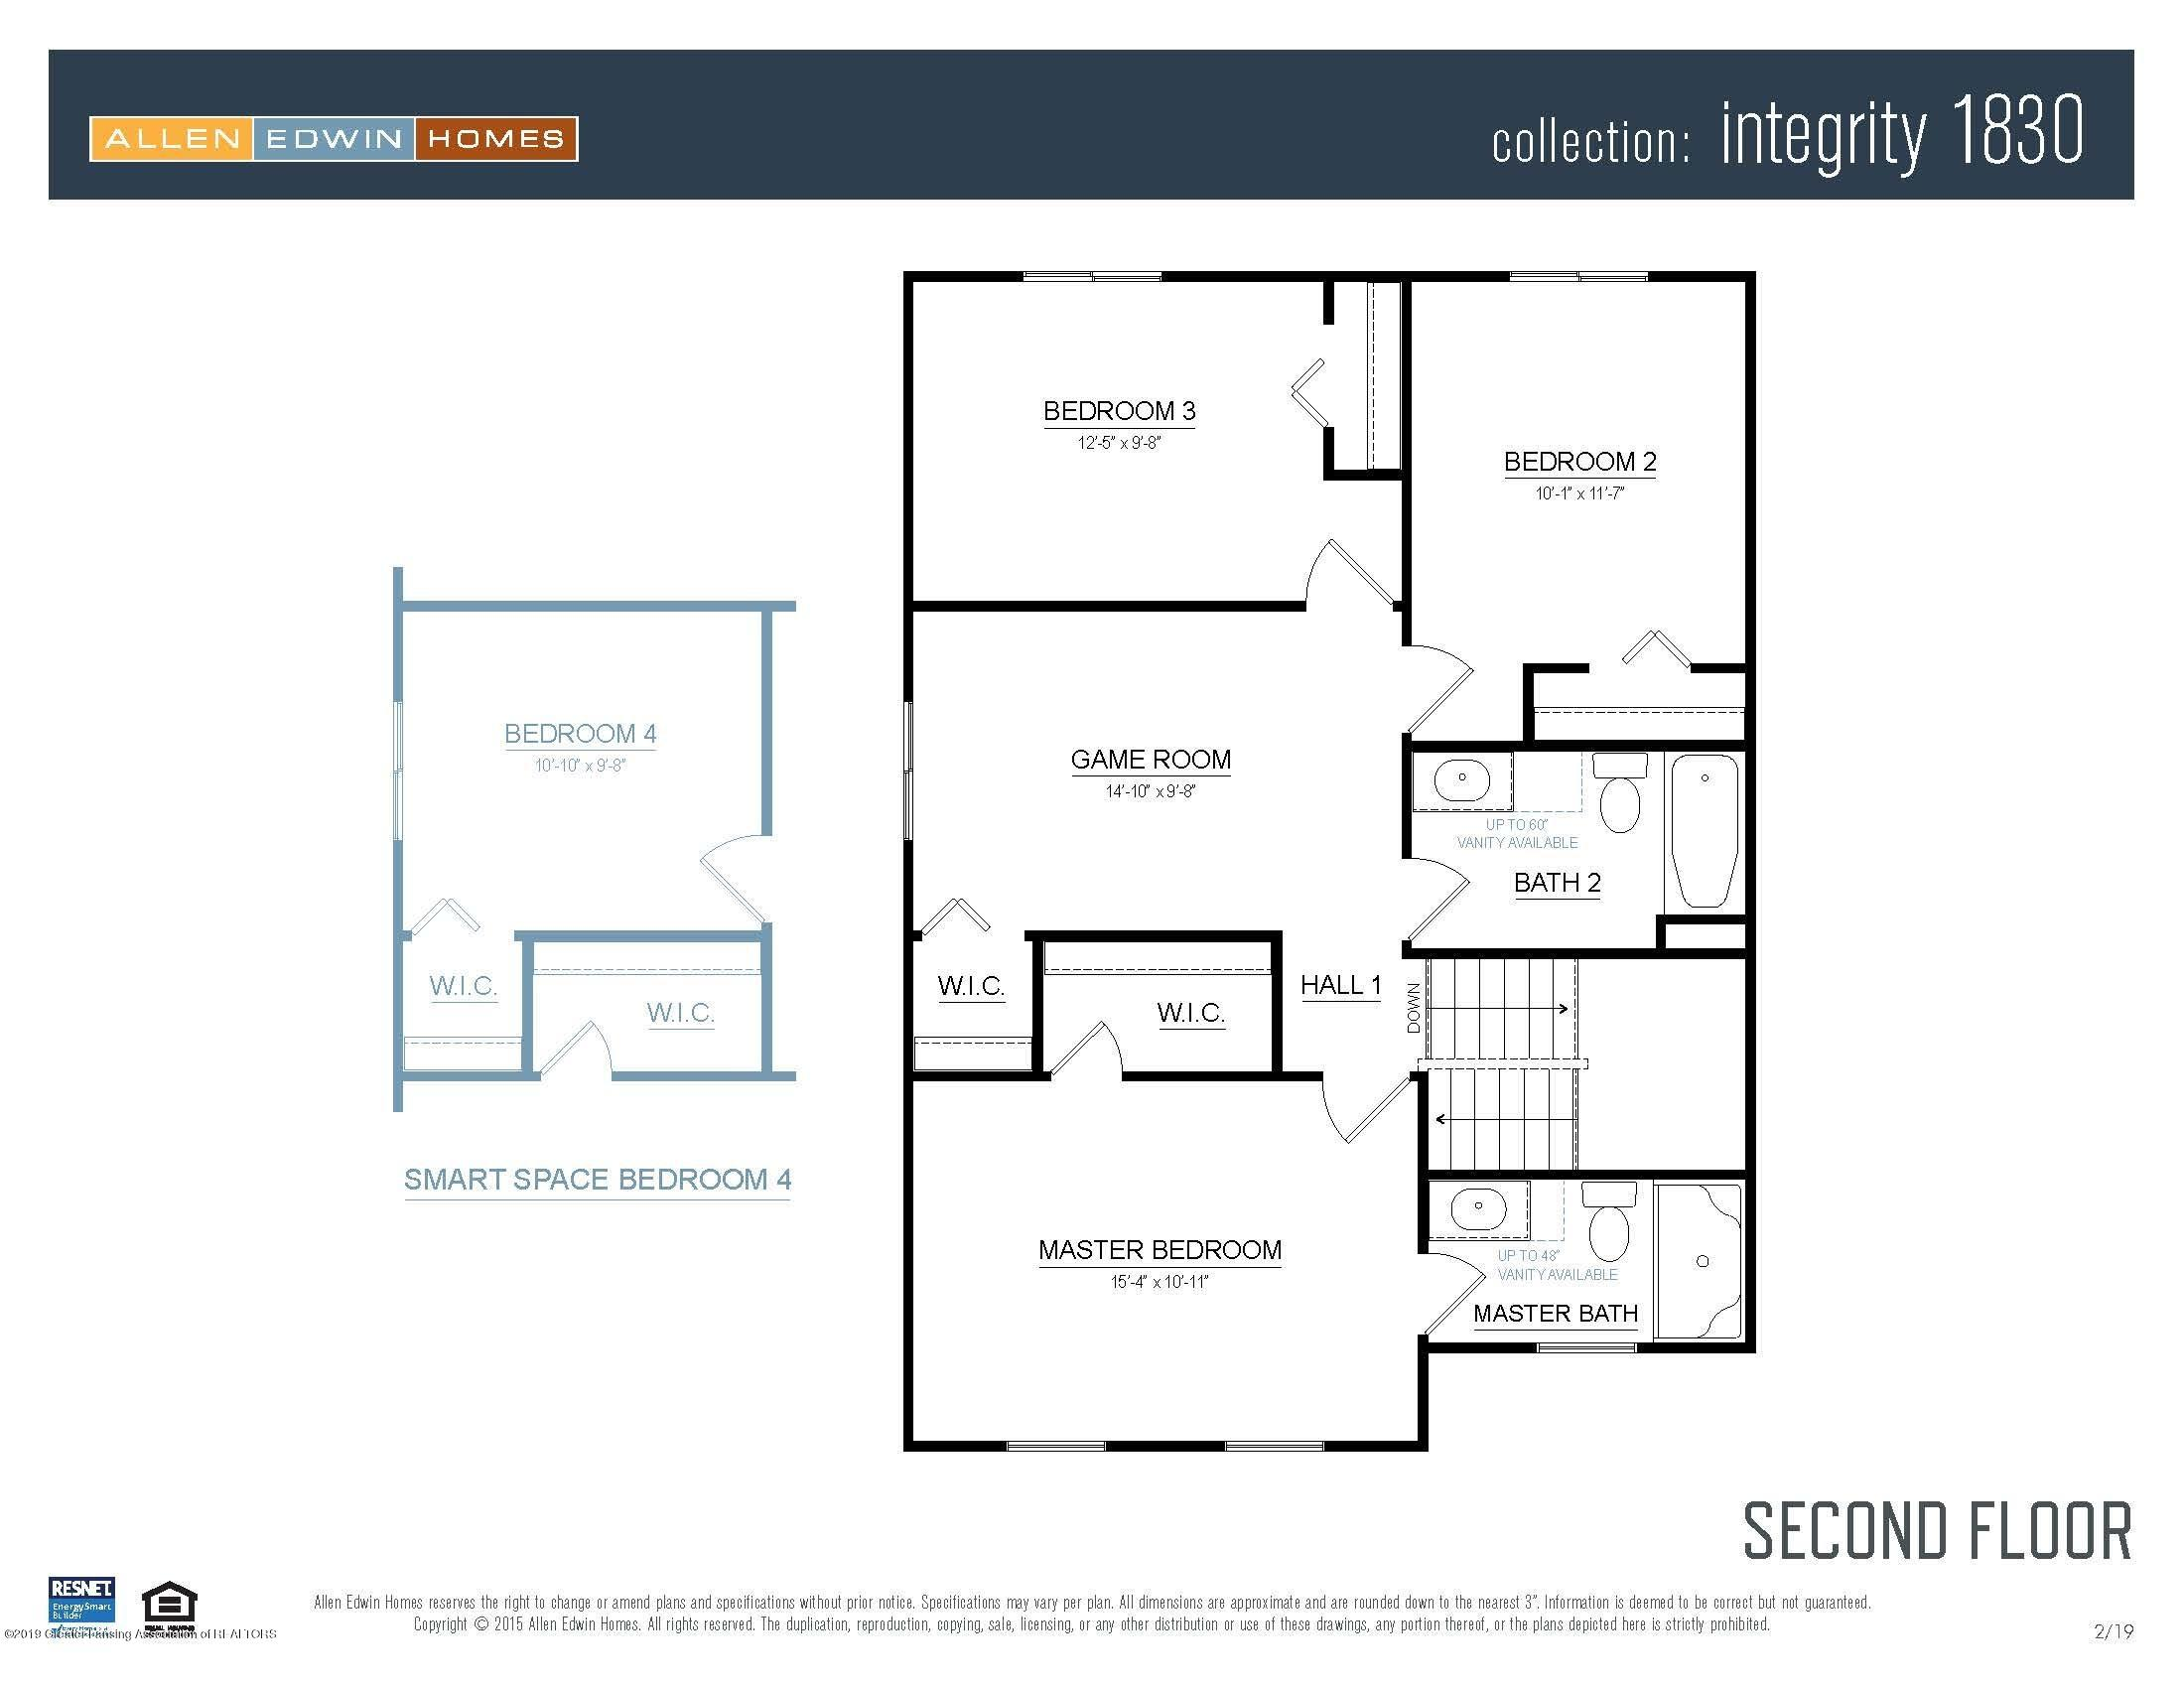 1125 River Oaks Dr - Integrity 1830 V8.1a Second Floor - 19